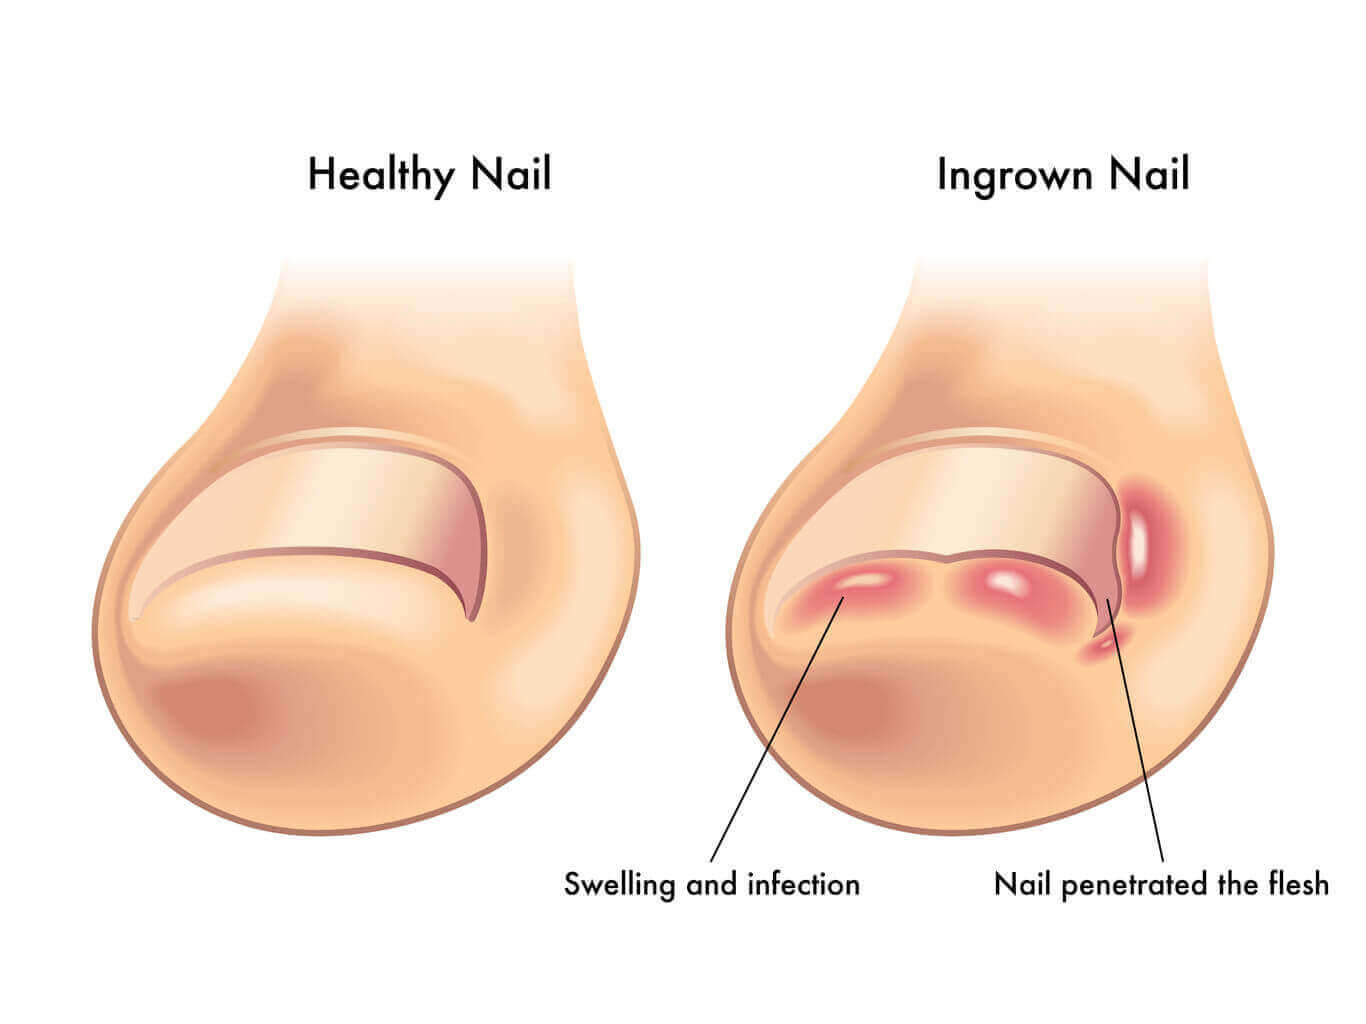 Ingrown nail Treat it with aloe vera! | Maltaloe.com